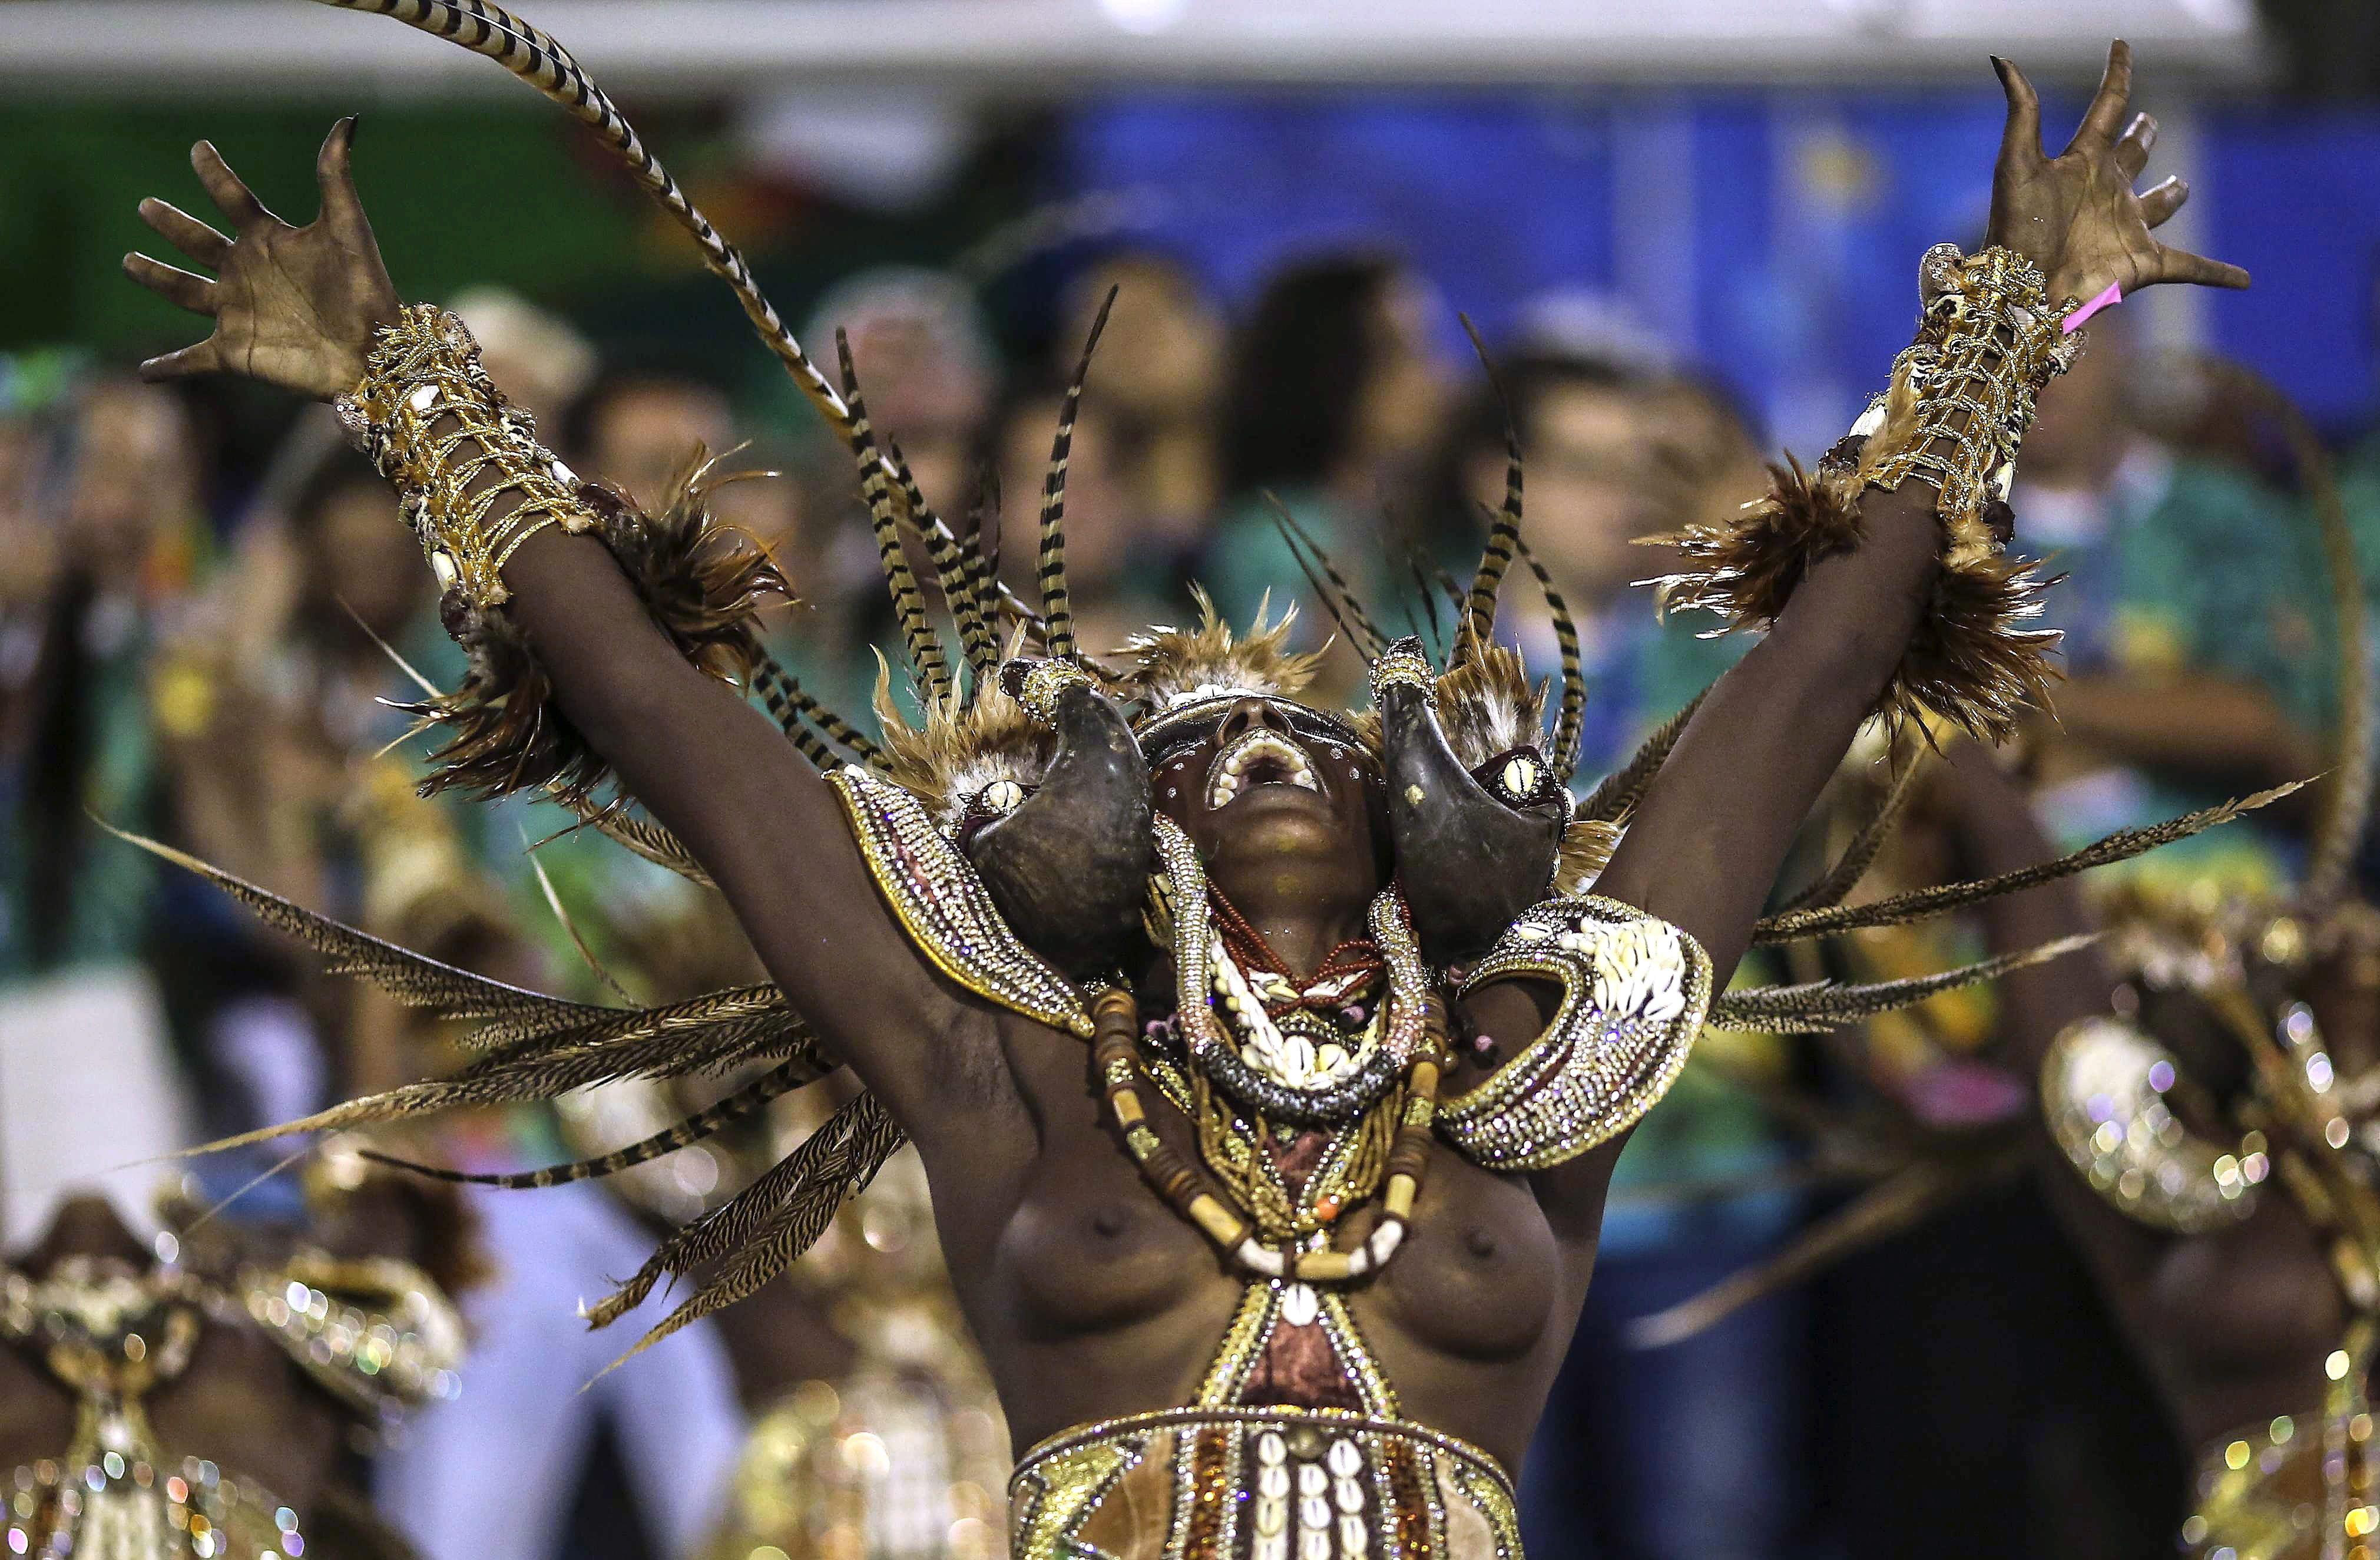 BILLEDER Rio de Janeiro fejrede karneval | Ligetil | DR